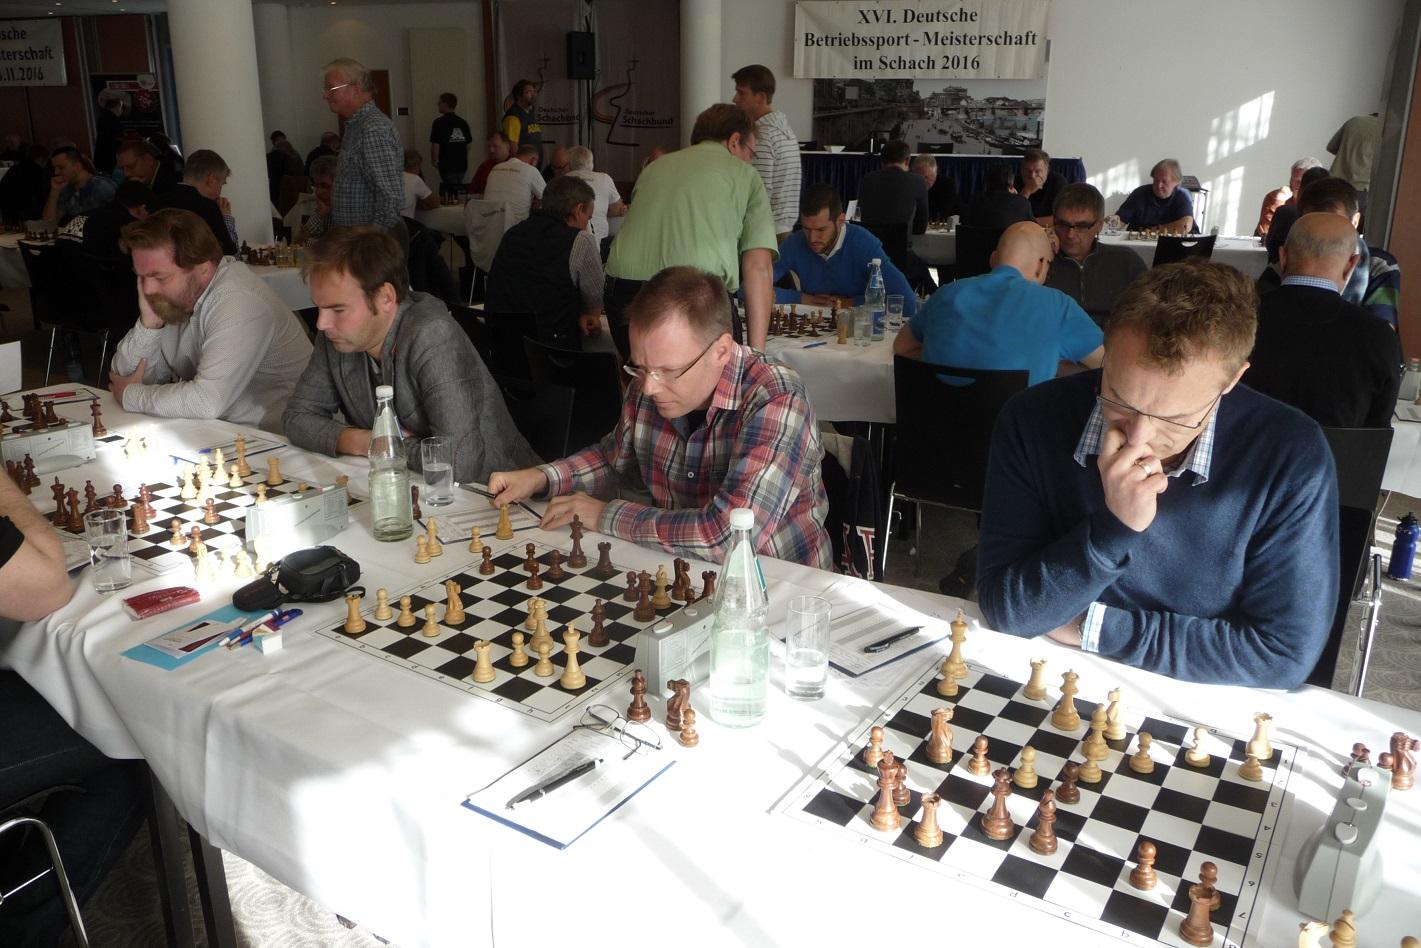 Dresden 03.11.2016: Die vier Vordenker des EPA-Schachklubs in Runde 1: Tomas Segerberg, Dr. Stephan Heer, Peter Bohnhoff, Walter Jachs